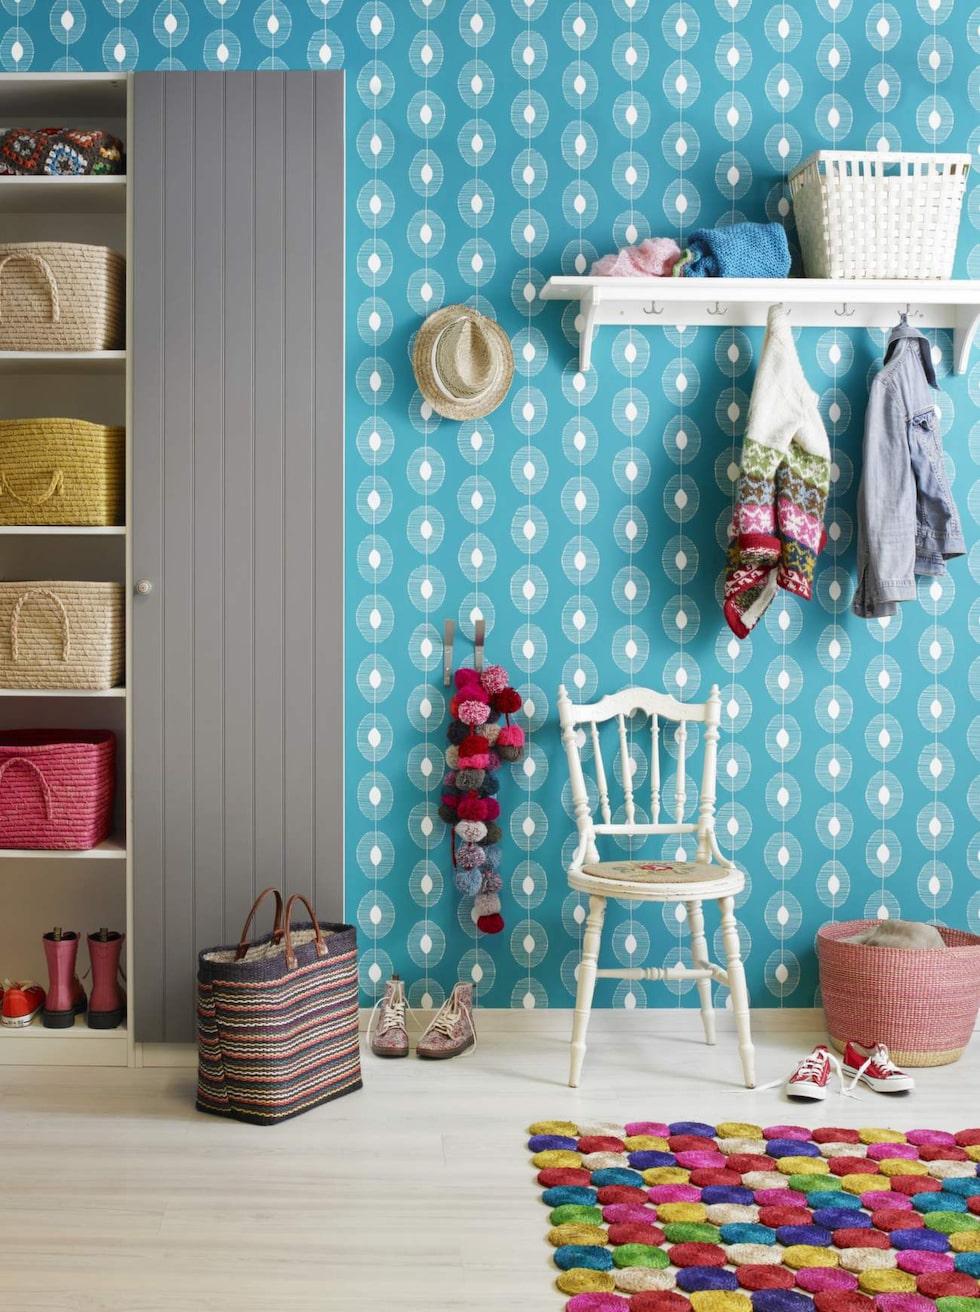 Blå hall. Mysig och välkomnande hall i en lantlig och färgglad stil. Två garderober, den ena med dörr och den andra utan ger all förvaring man behöver. Fina korgar, en loppisstol och den roliga mattan sätter en personlig prägel. Väggen är tapetserad med tapeten Miss Print 2 – MISP1088, Midbec. Pax garderob med dörr, Ikea. Korgar från Rice i skåpet. Matta och rund korg, Afroart. Övrigt privat.